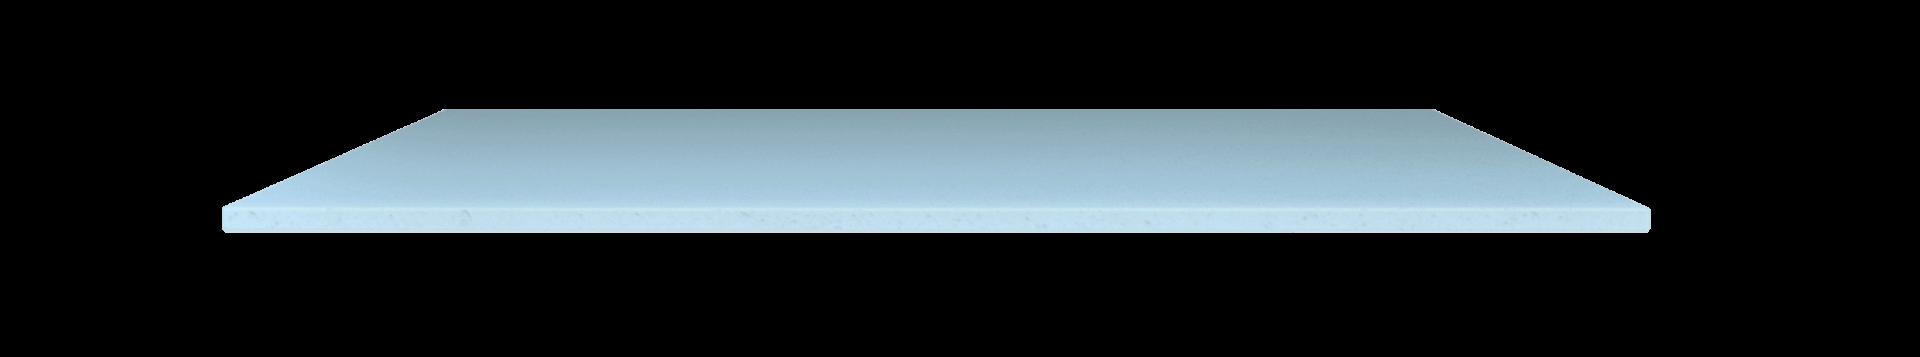 03.緩衝層